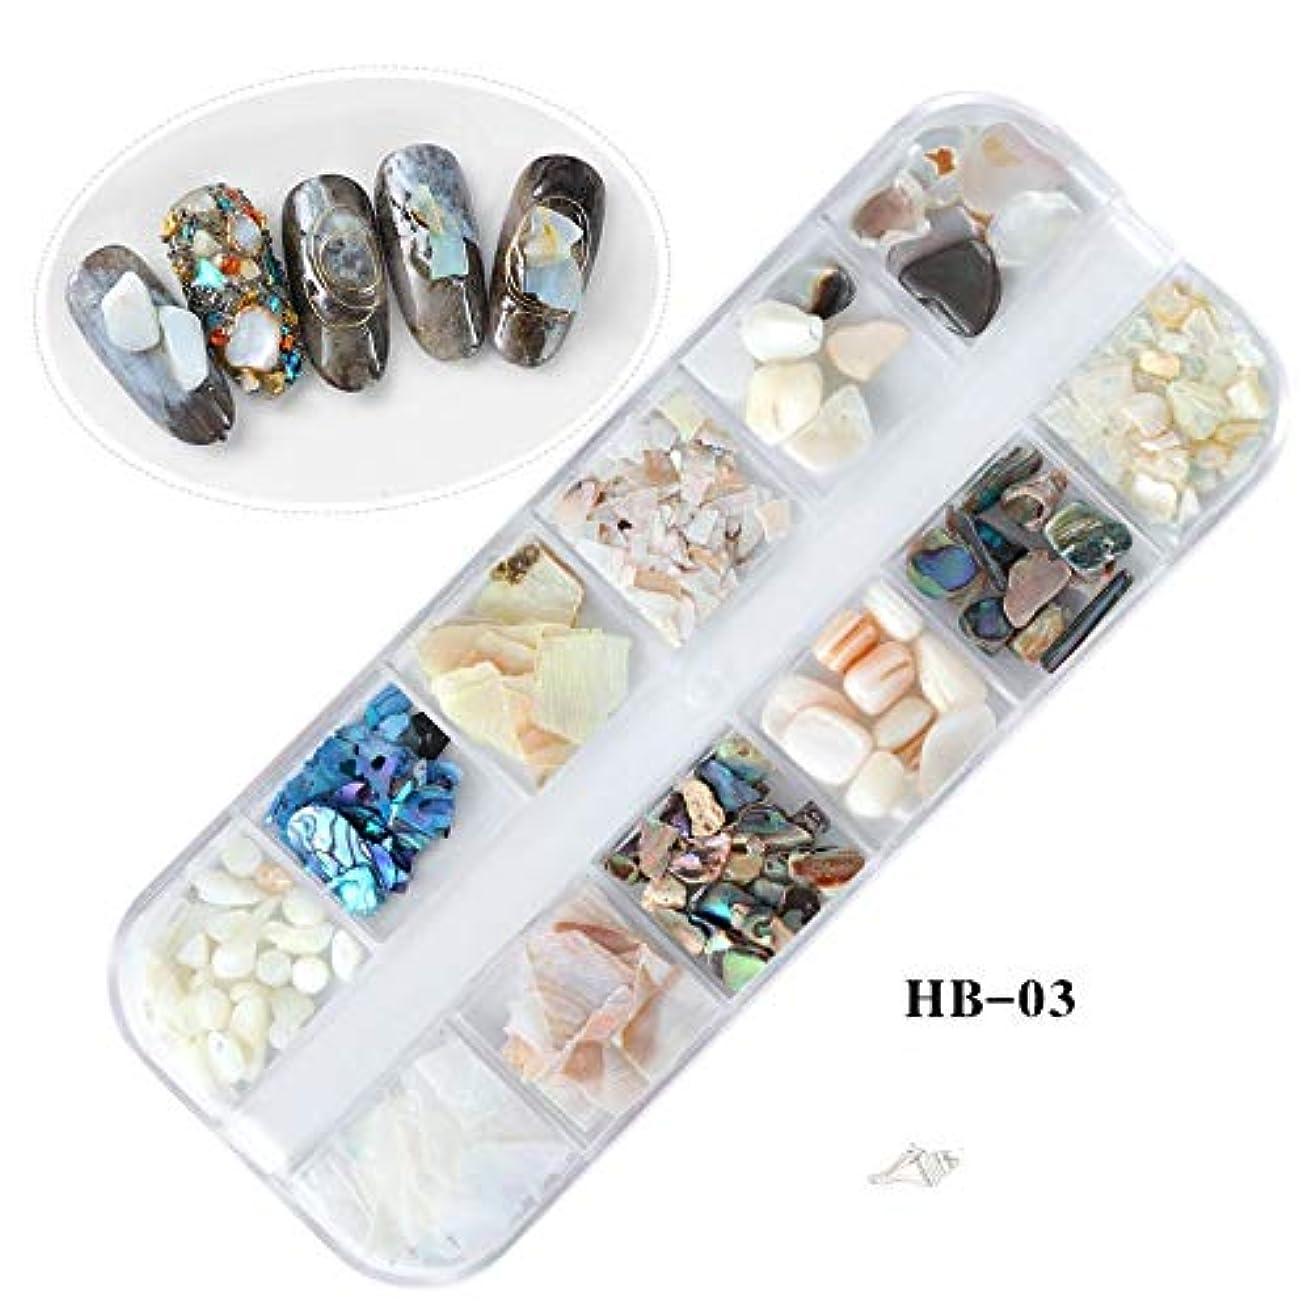 収穫土曜日絶望Kerwinner 天然貝殻3DチャームネイルアートデコレーションスライスDIYビューティーサロンオーシャンネイルアートパウダーマニキュアデカールツール (Color : HB03)